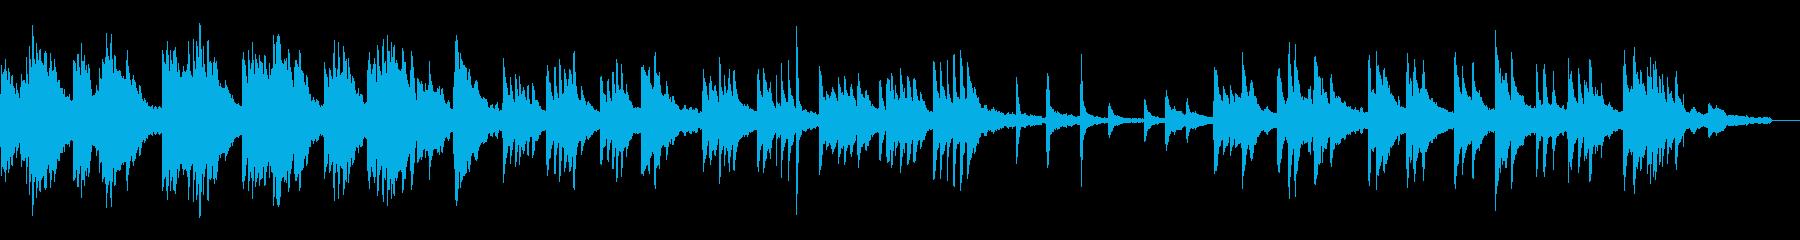 ヒーリングピアノ組曲  ただよう 1の再生済みの波形